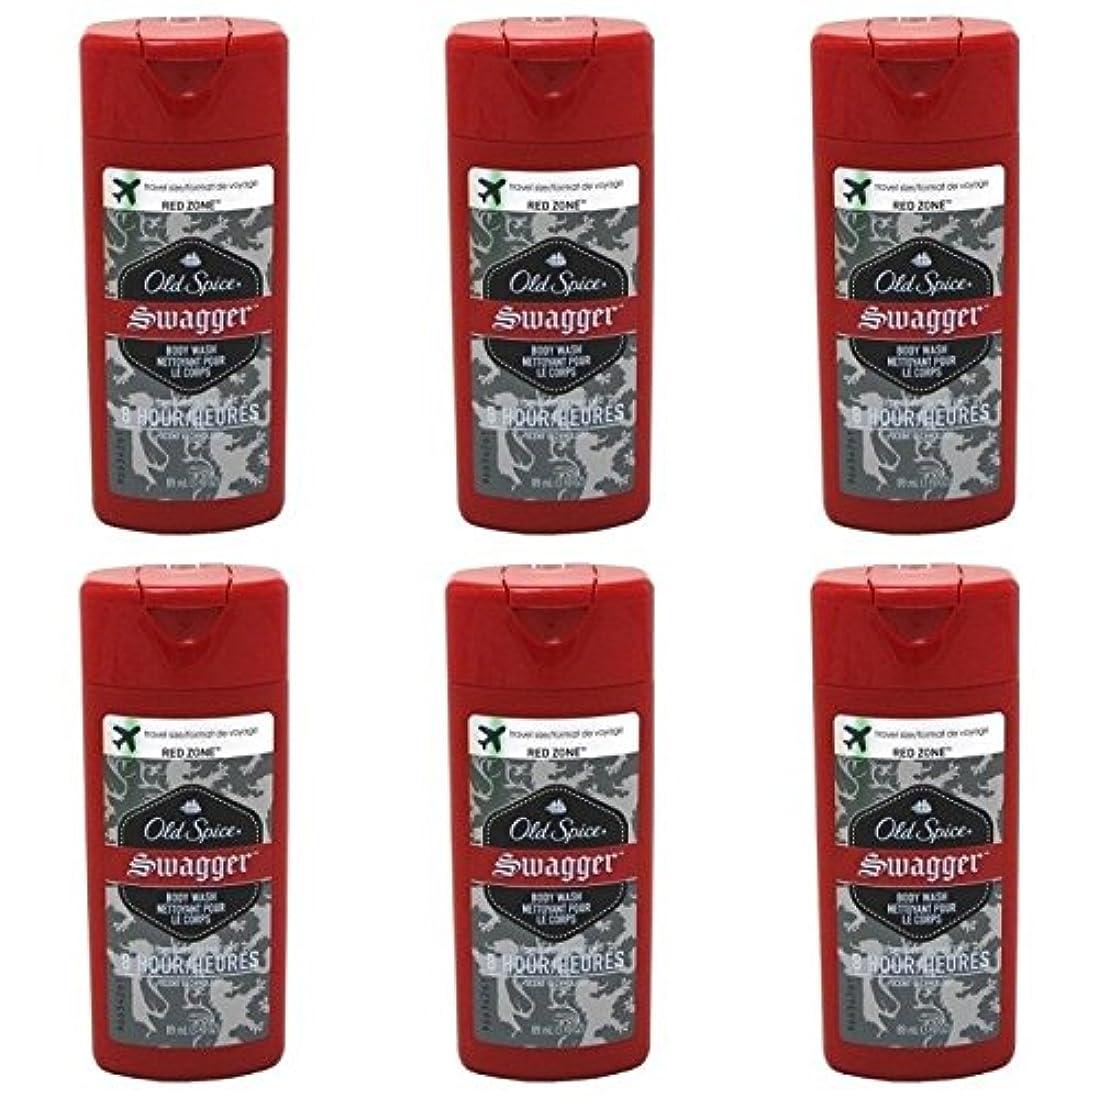 時間とともに出会い石化するOld Spice Swagger Red Zone Body Wash Travel Size 3 Oz by Old Spice